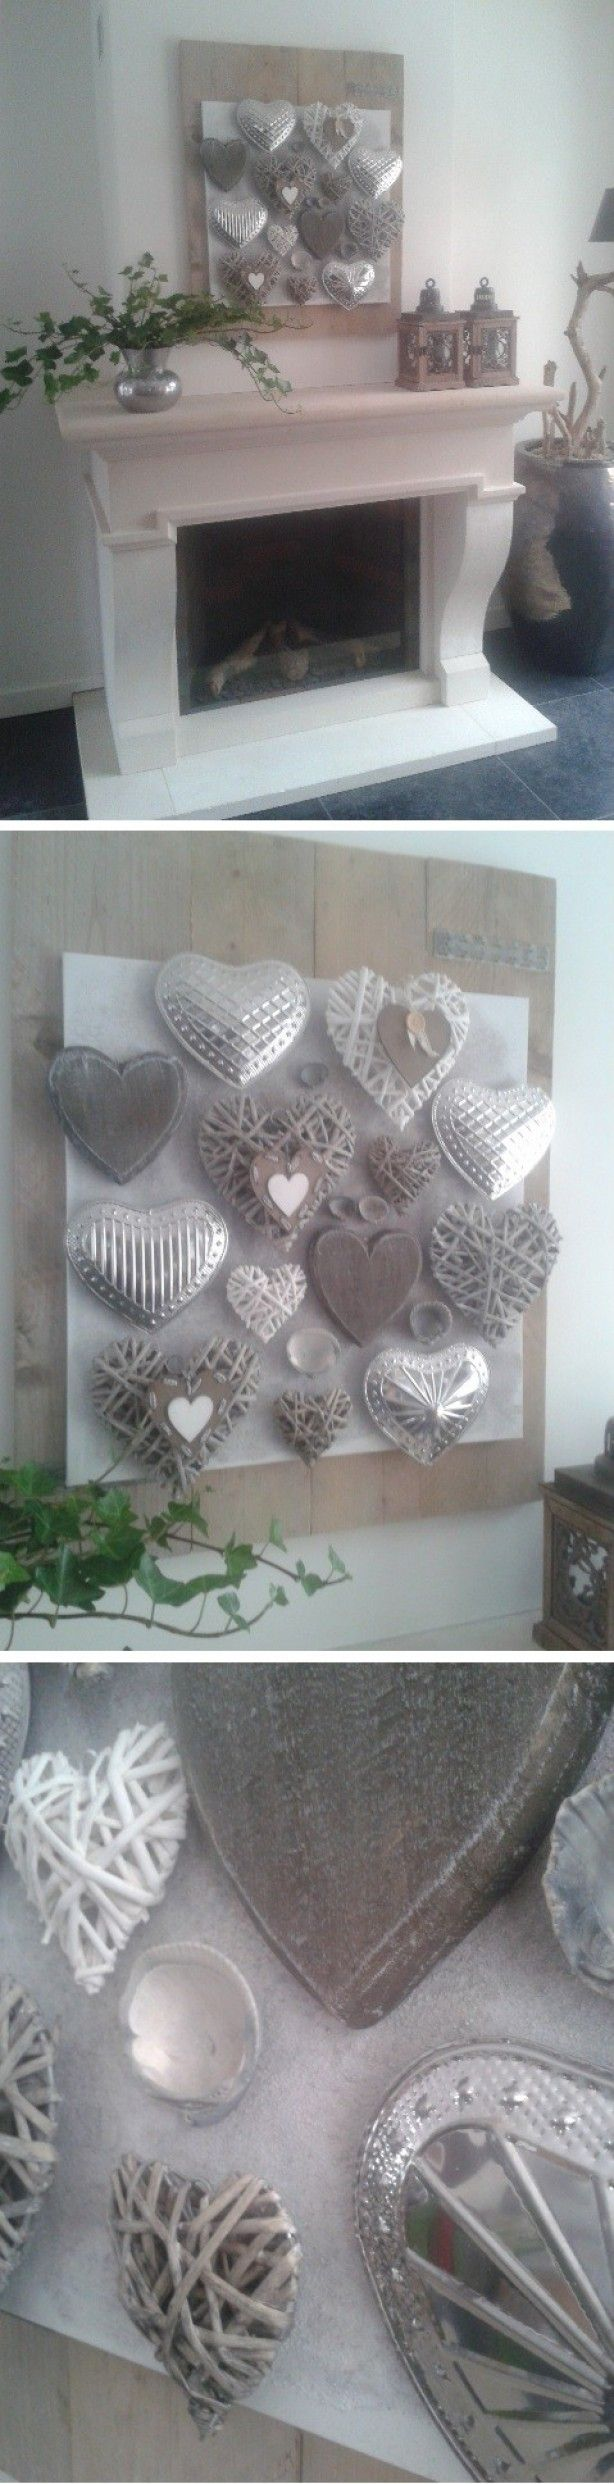 Steigerplanken, een canvaslijst, witte primer, hartjes, schelpen en zand maakt samen prachtige, landelijke KUNST!  Super makkelijke om te maken en het resultaat is helemaal tóp!